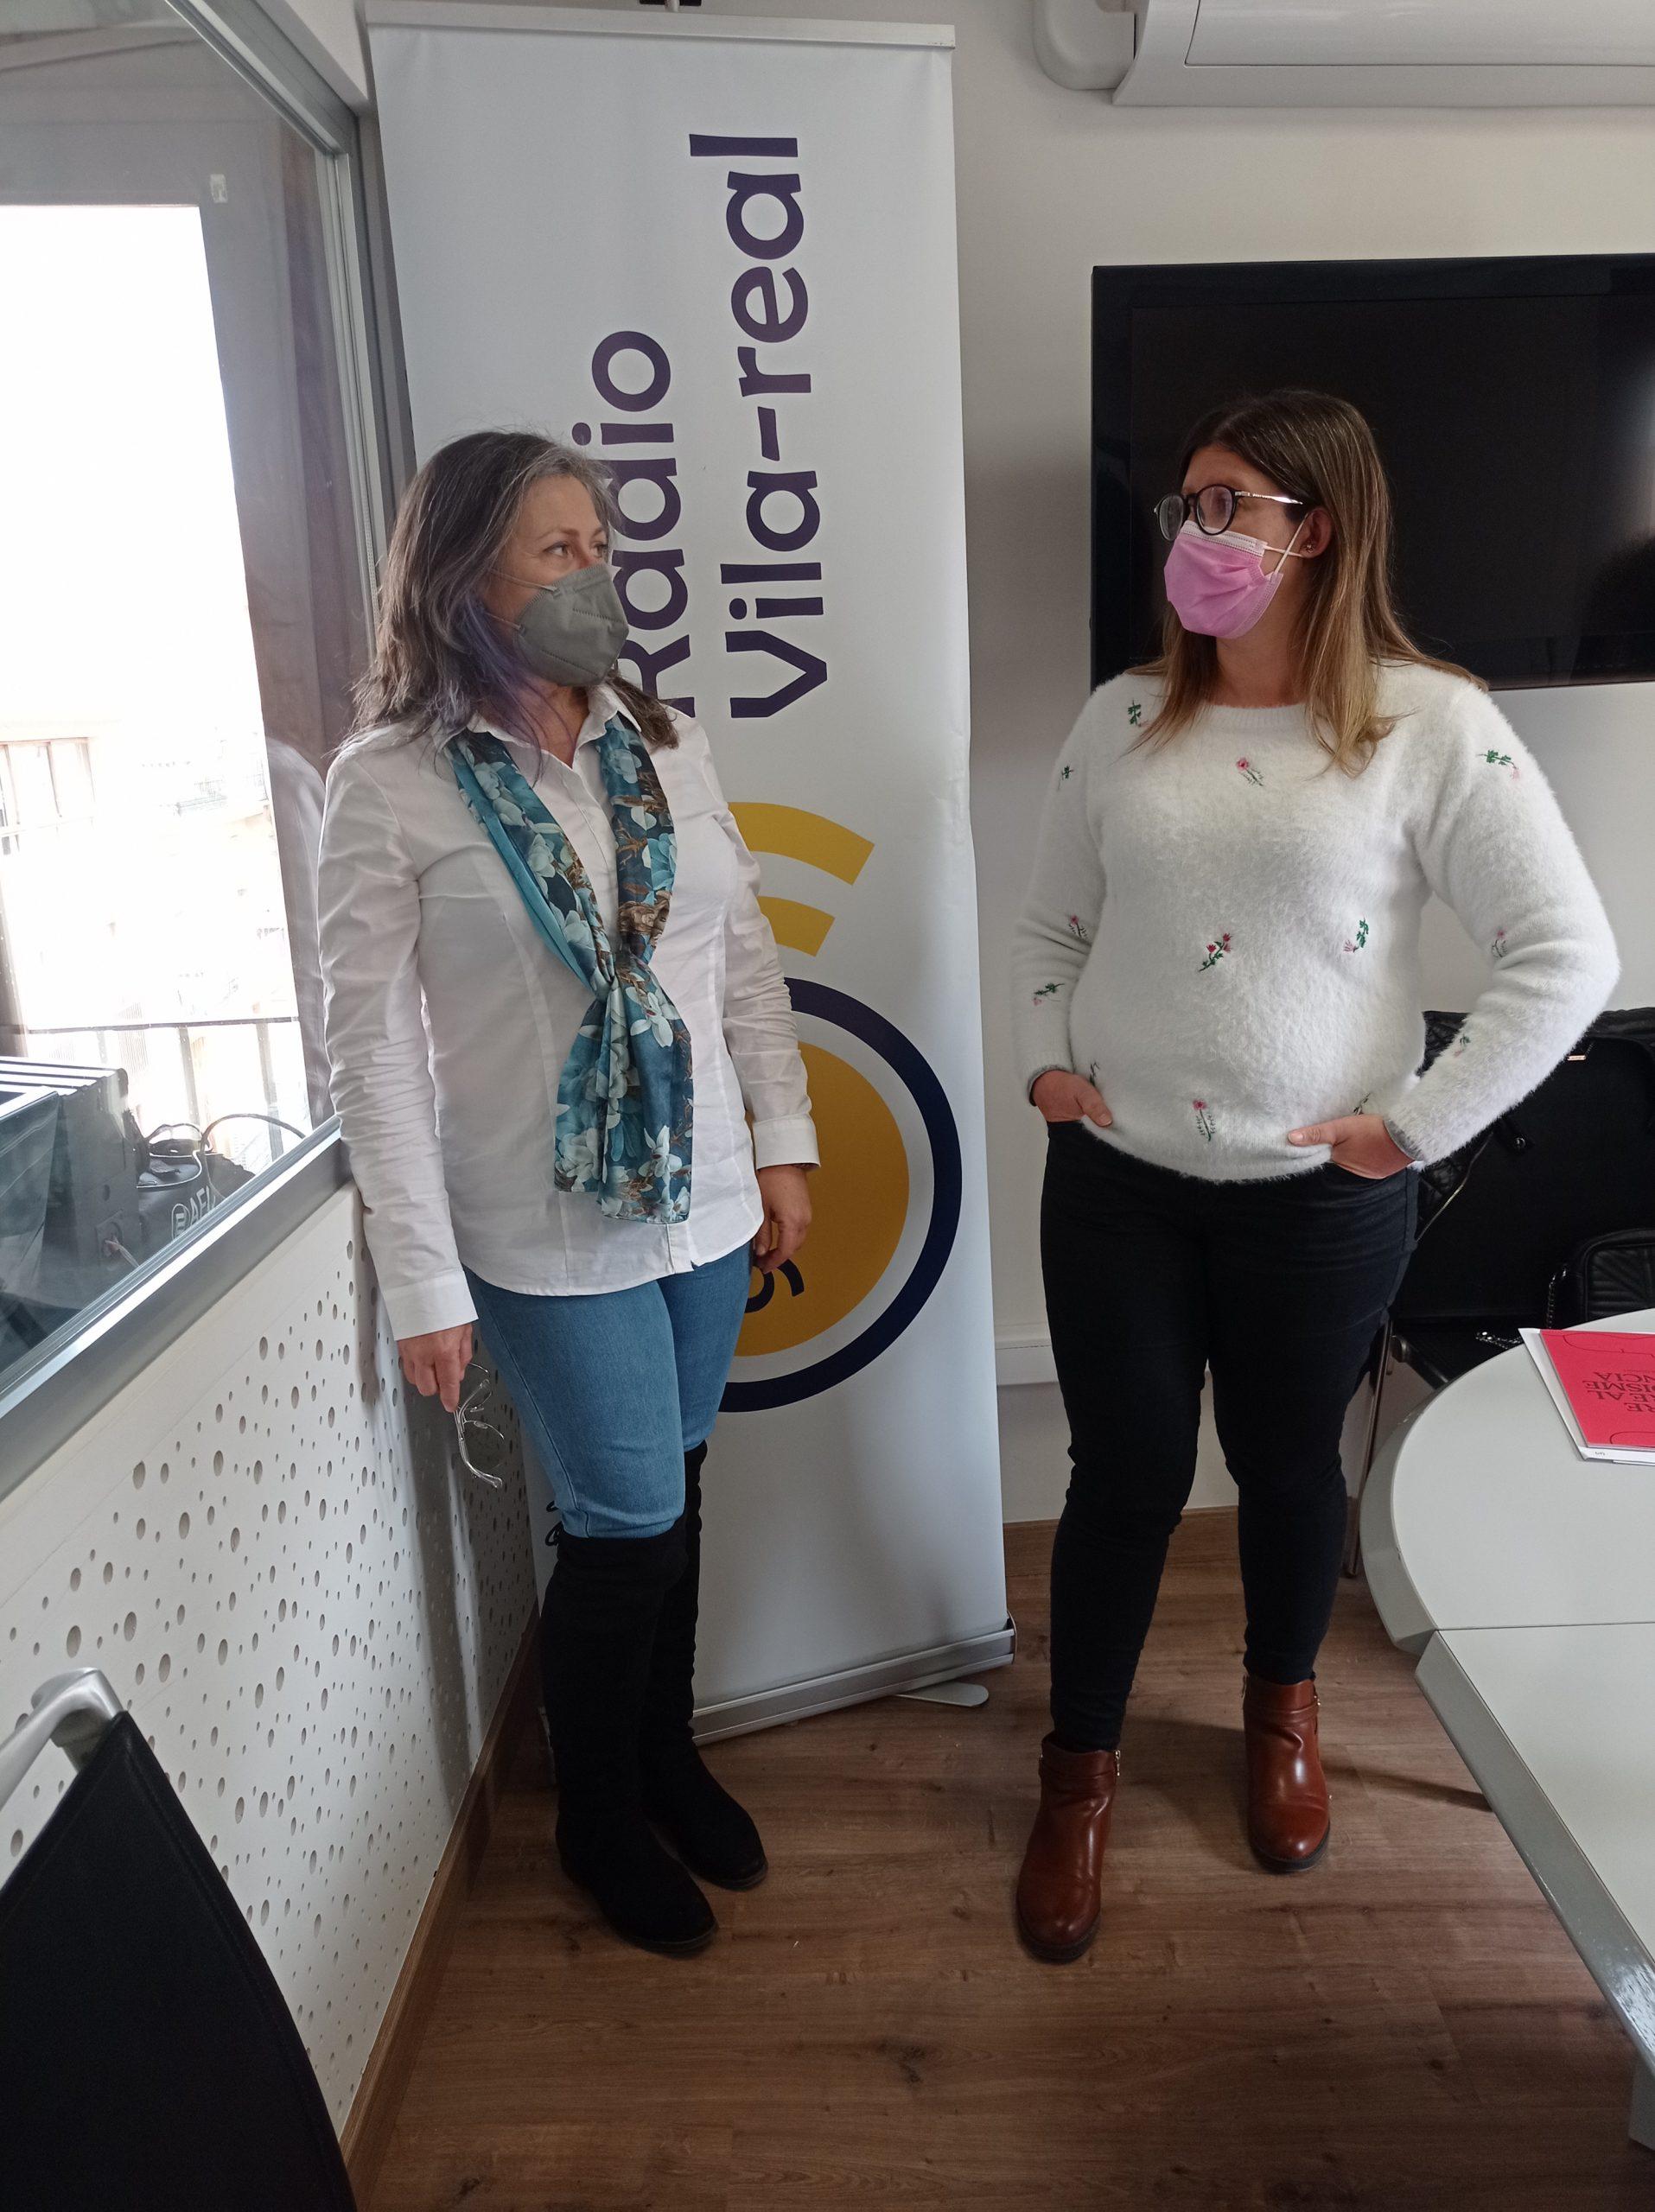 Aprende a gestionar tus emociones con Pilar Aleixandre: La astenia primaveral